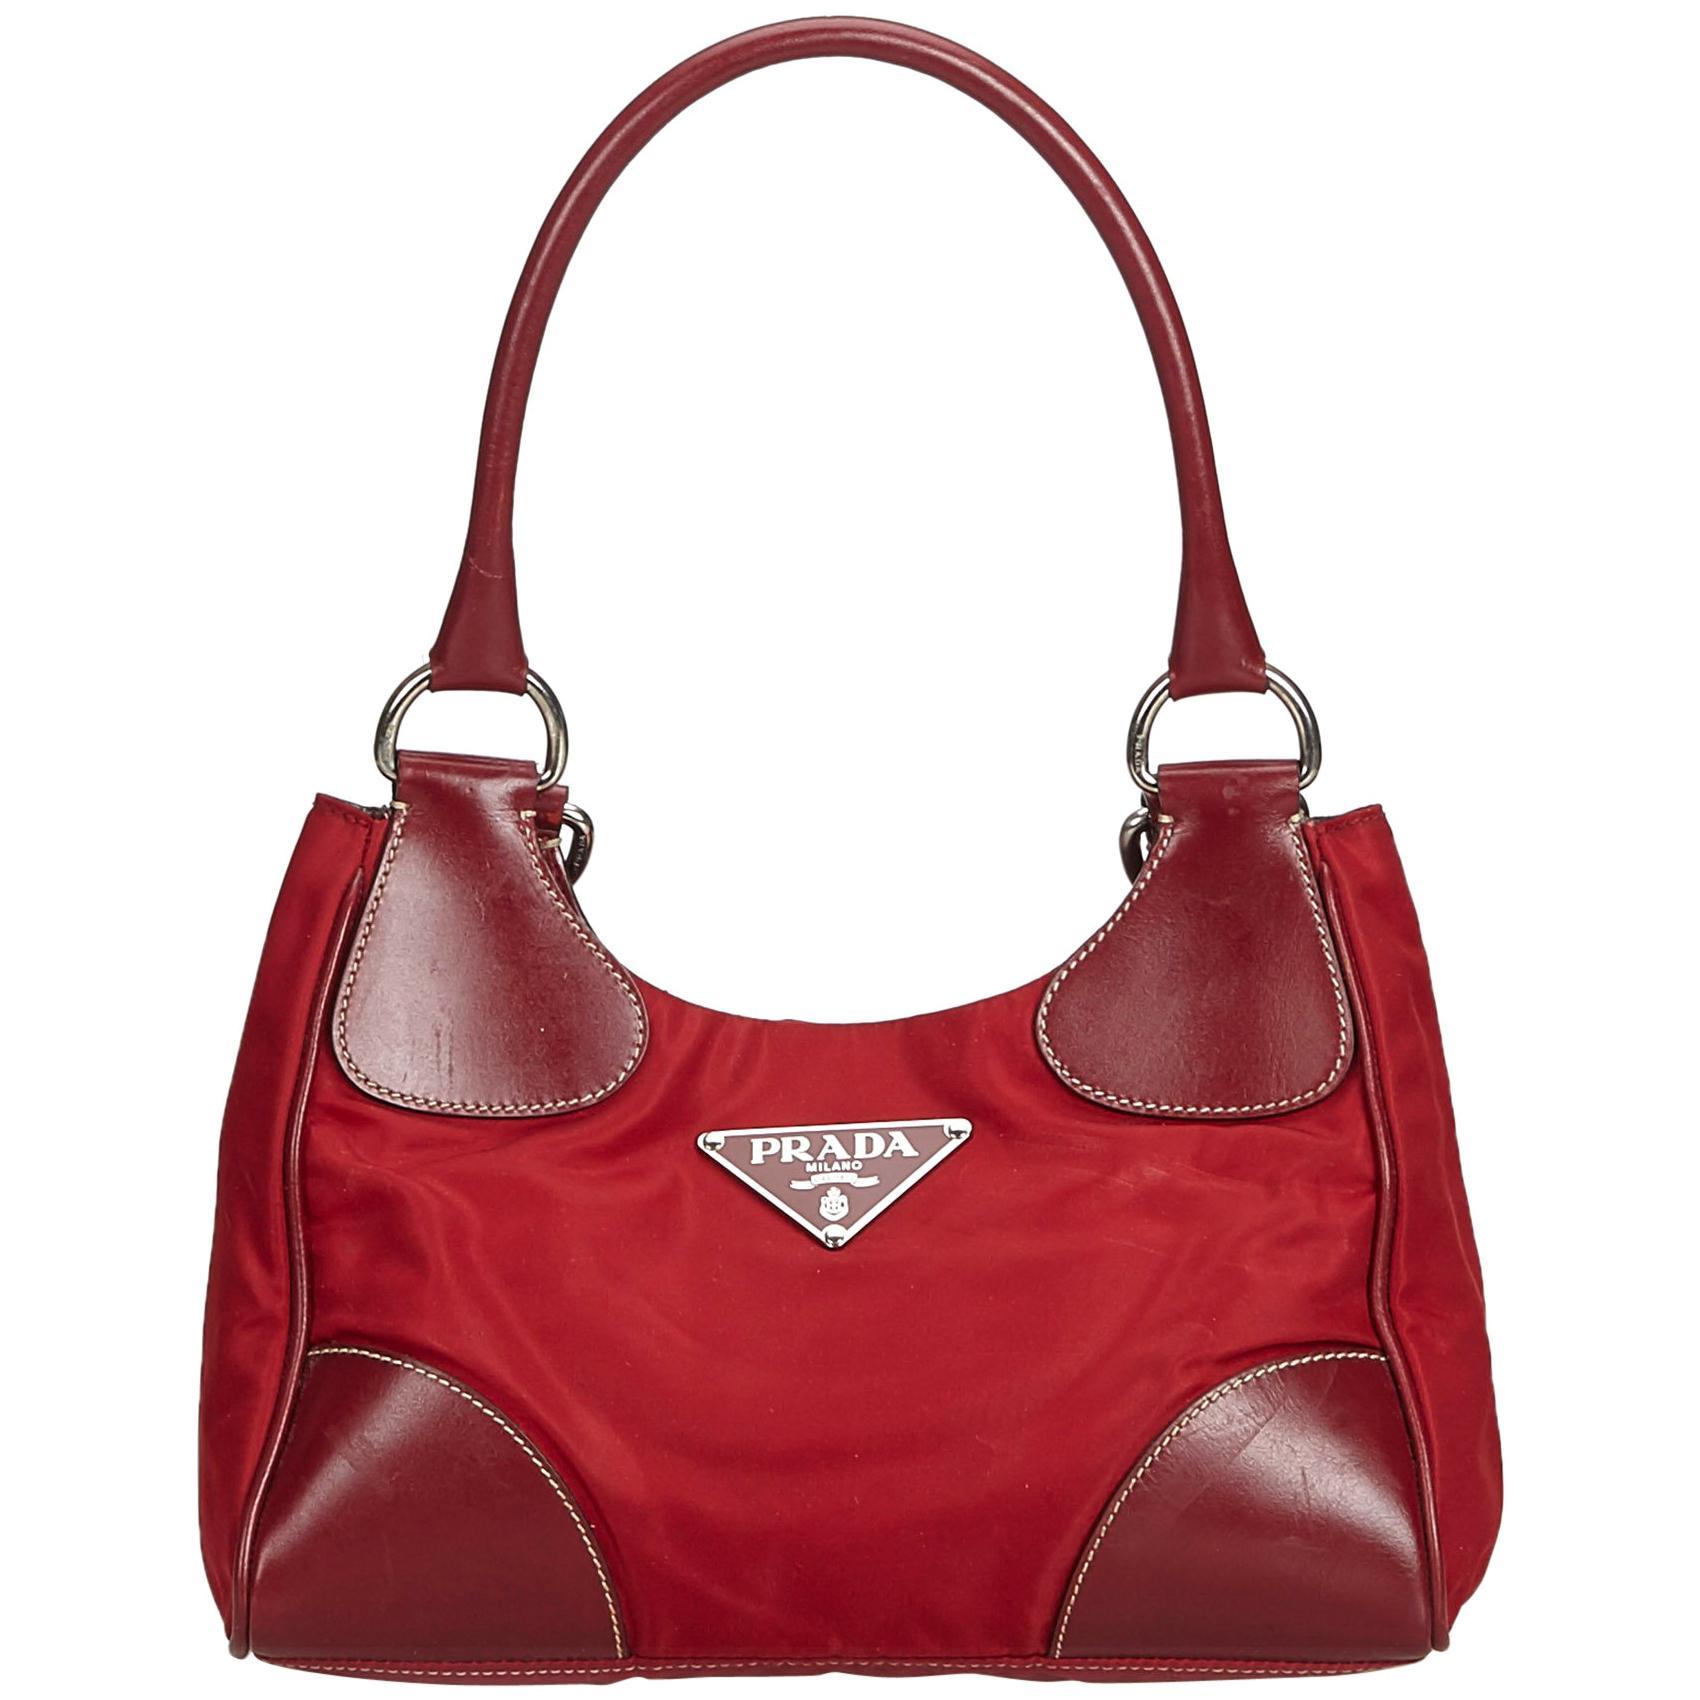 2fa1e48d01e5 Vintage Prada Handbags and Purses - 1